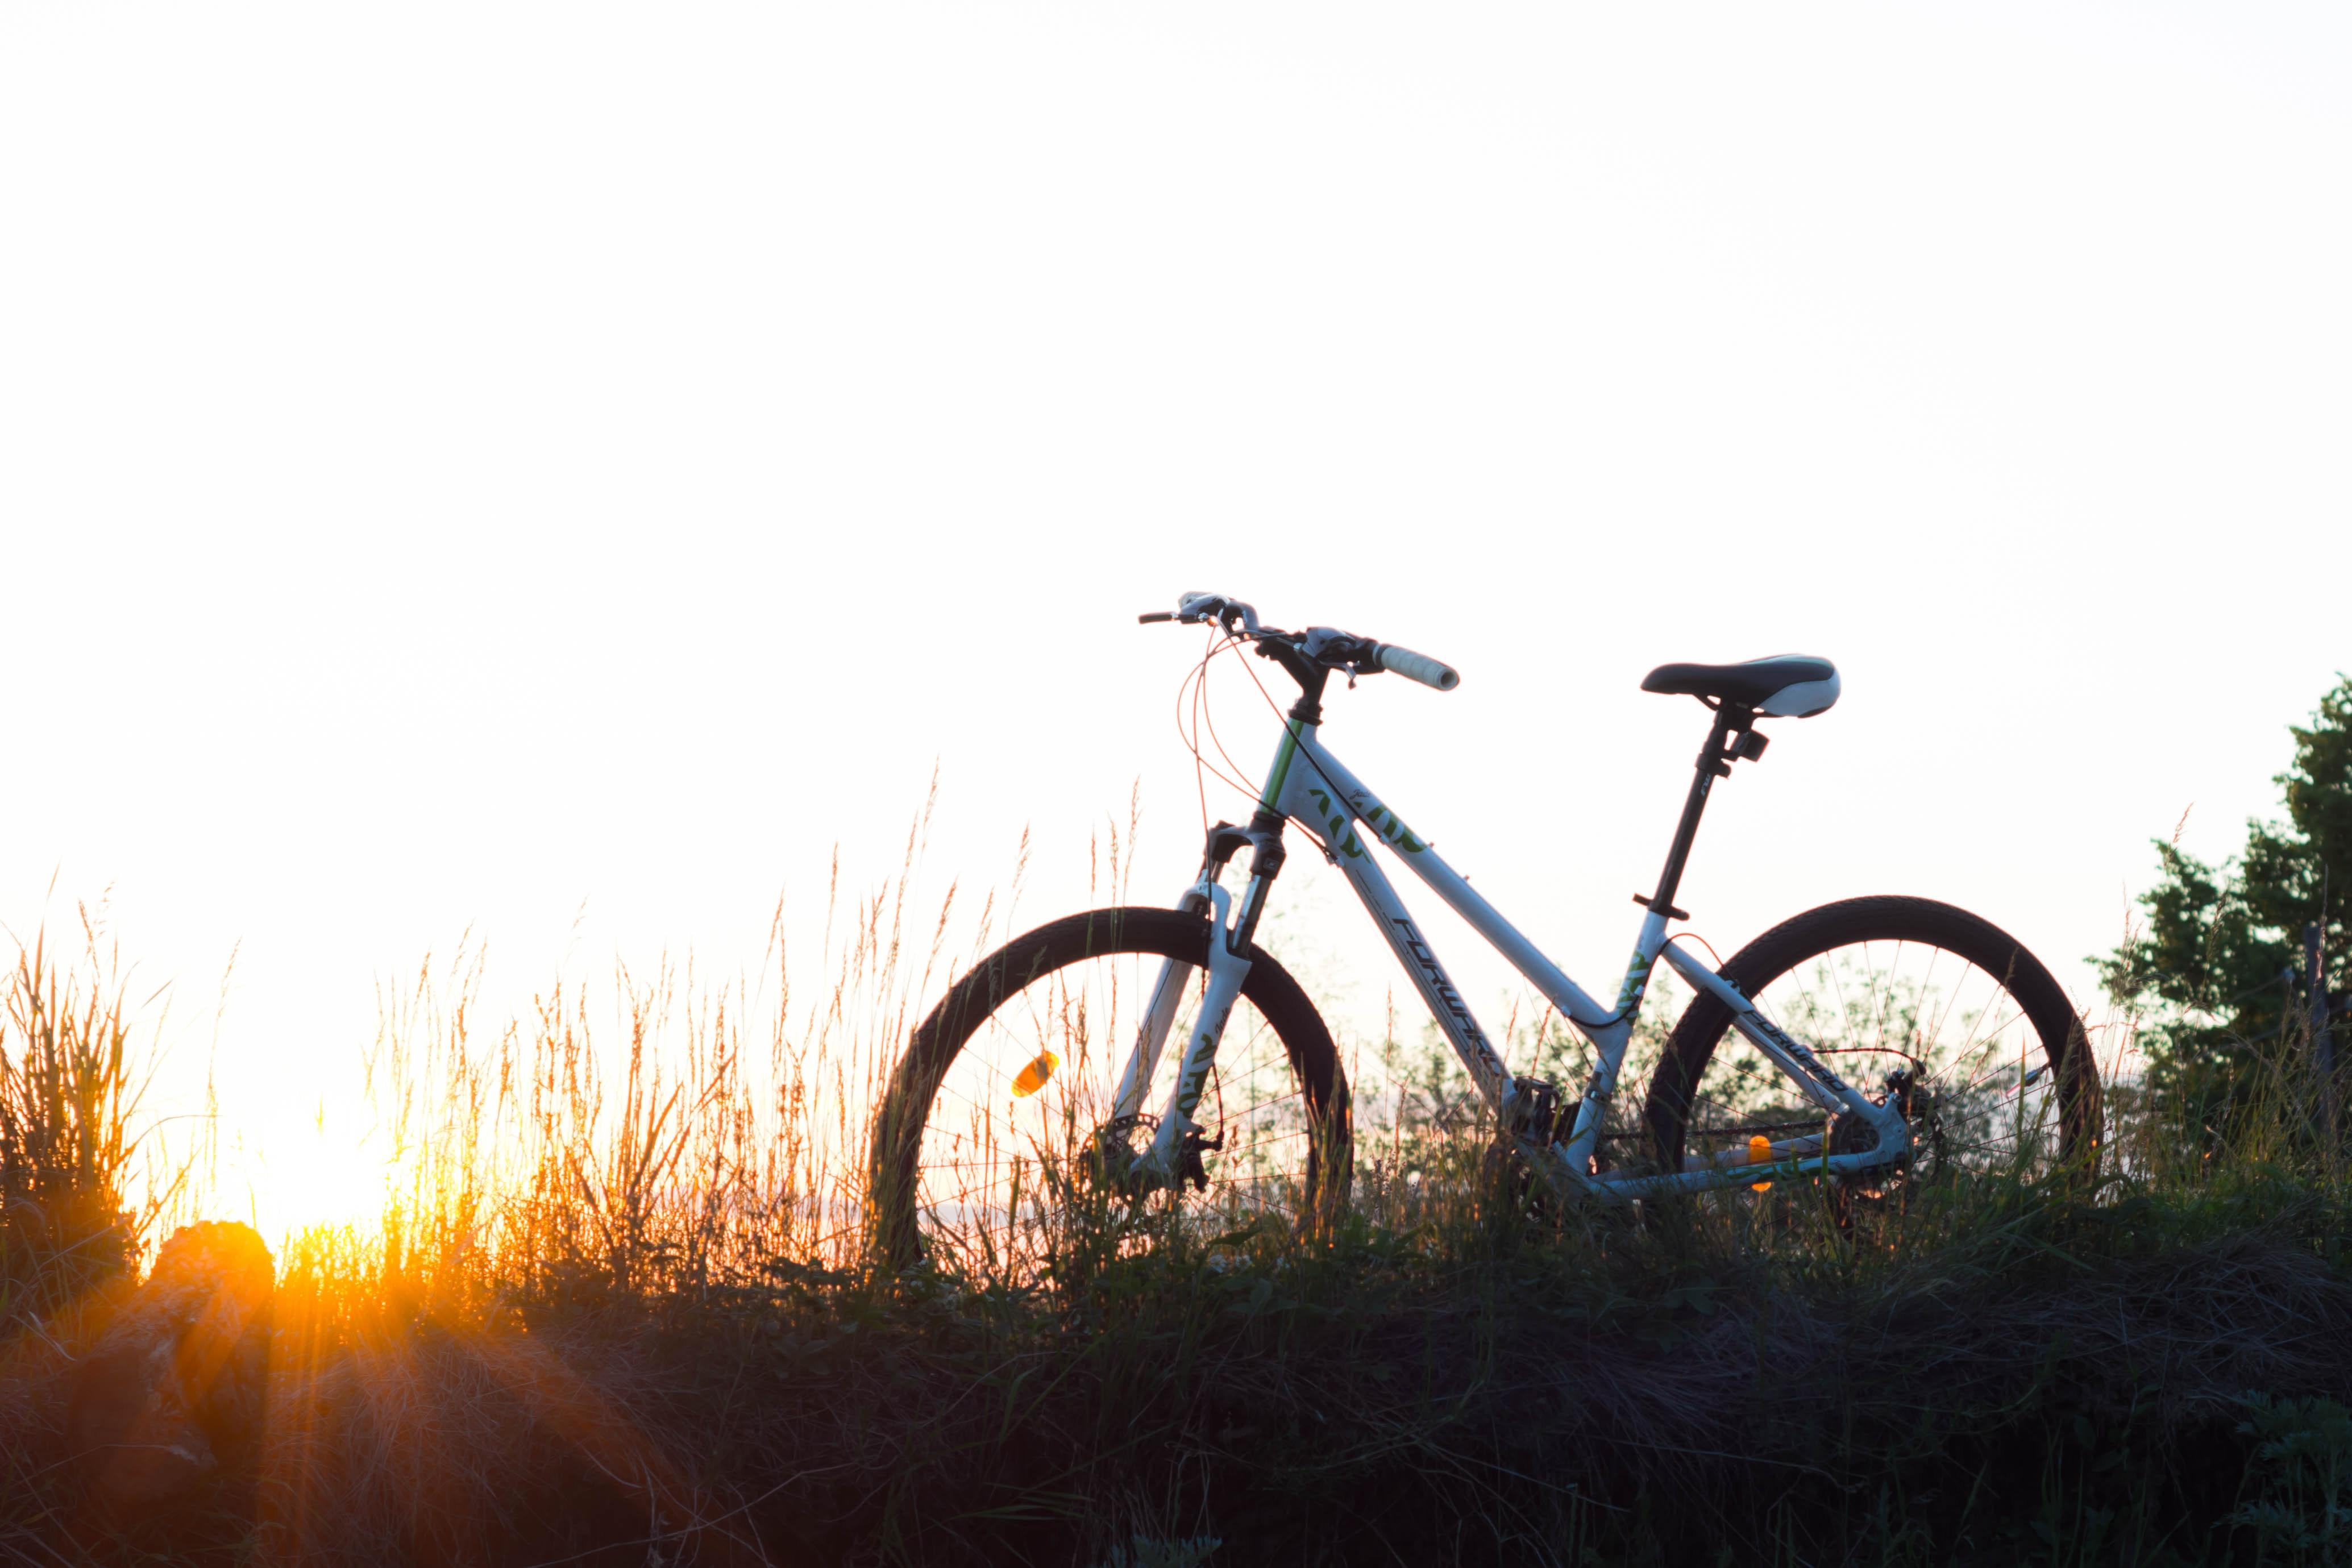 250+ Great Bicycle Photos · Pexels · Free Stock Photos